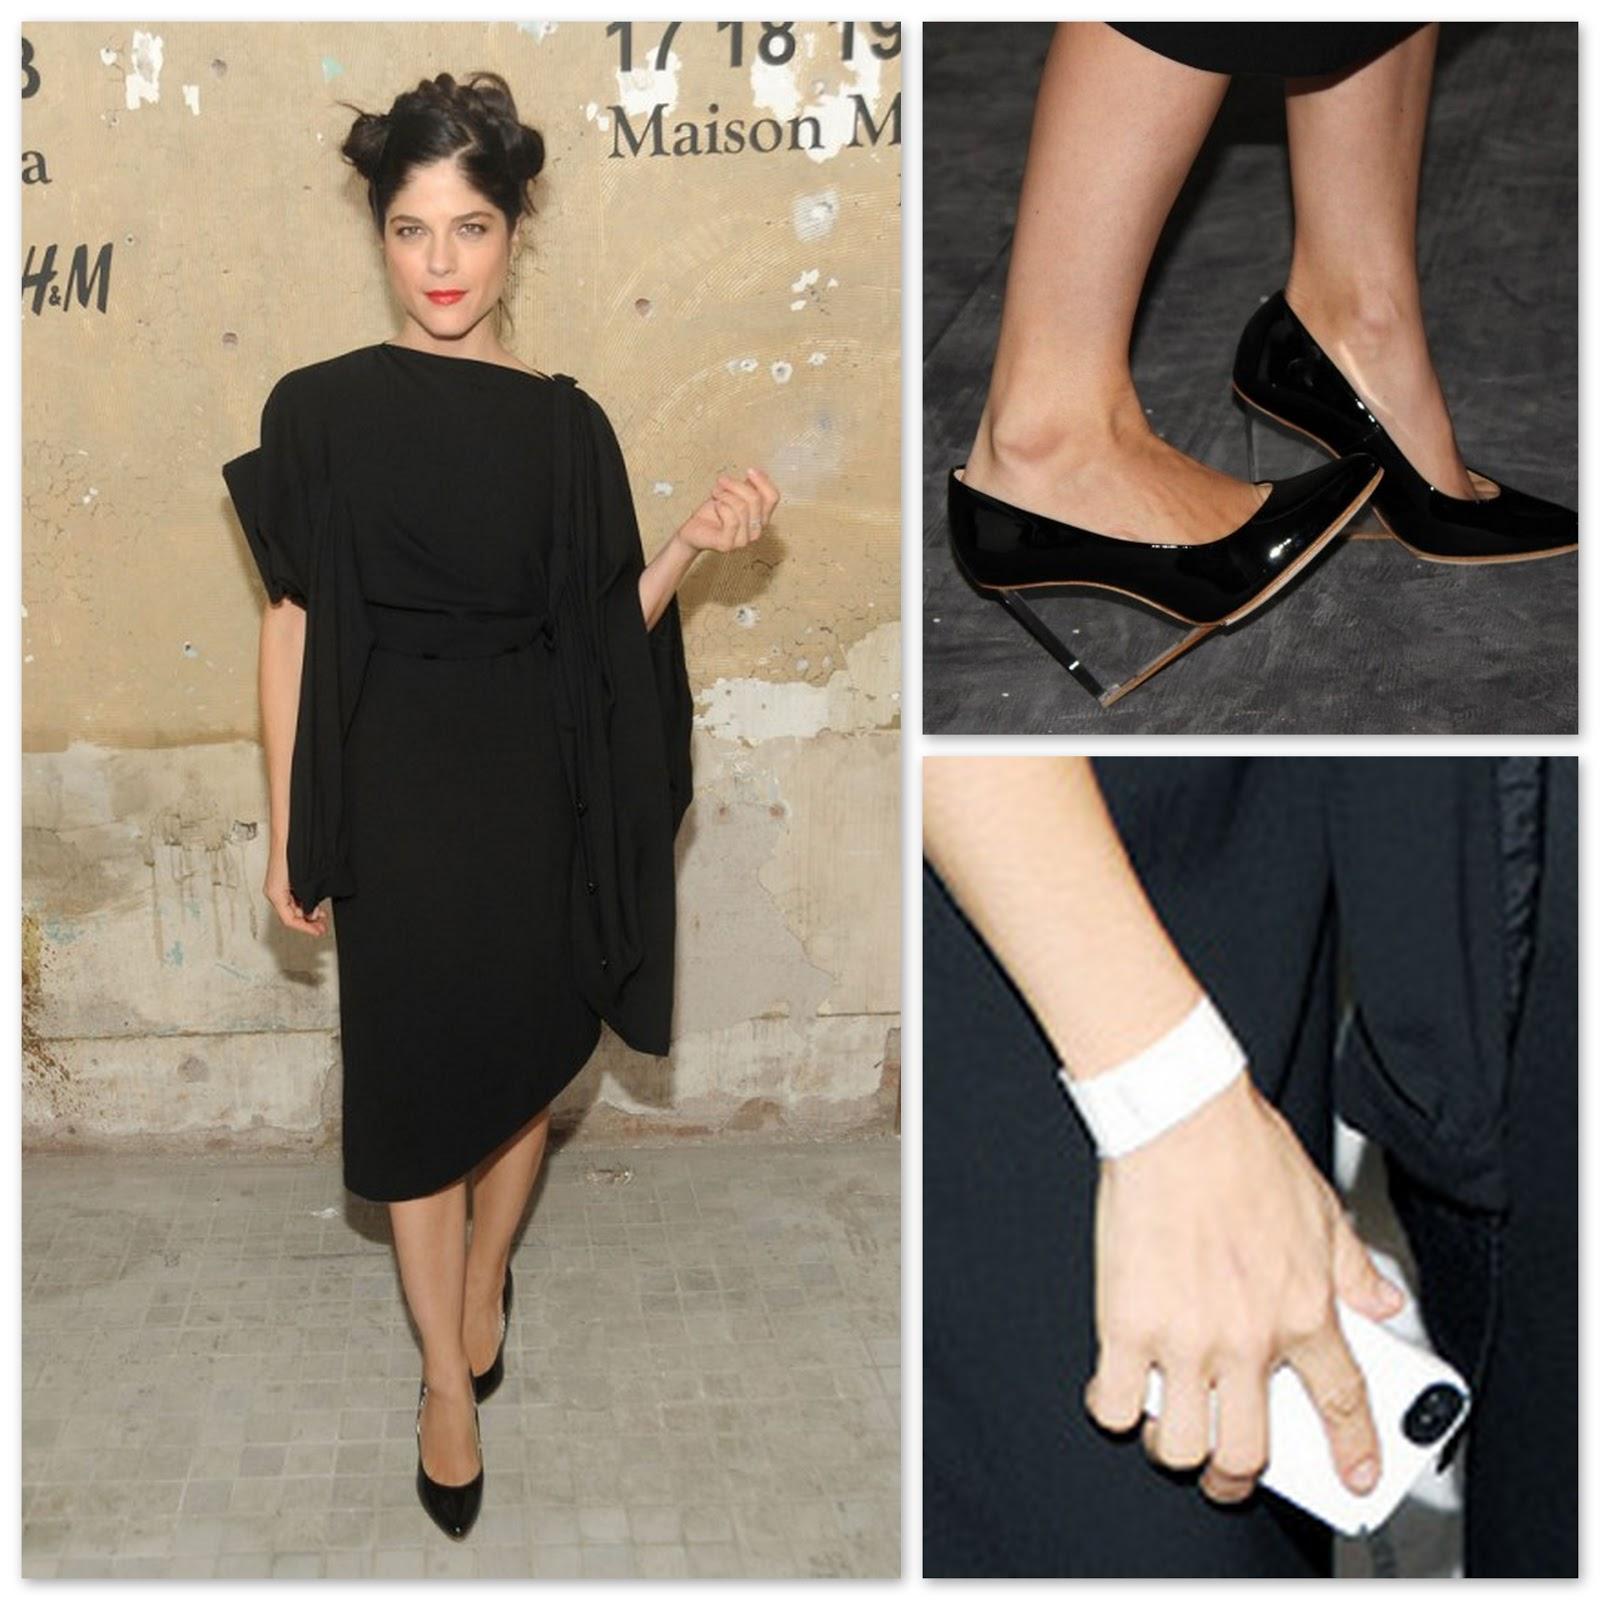 http://4.bp.blogspot.com/-CwWp4LpqR_E/UIweUDmoFNI/AAAAAAAAIuc/NM-_i-mAHI0/s1600/best+dressed3.jpg